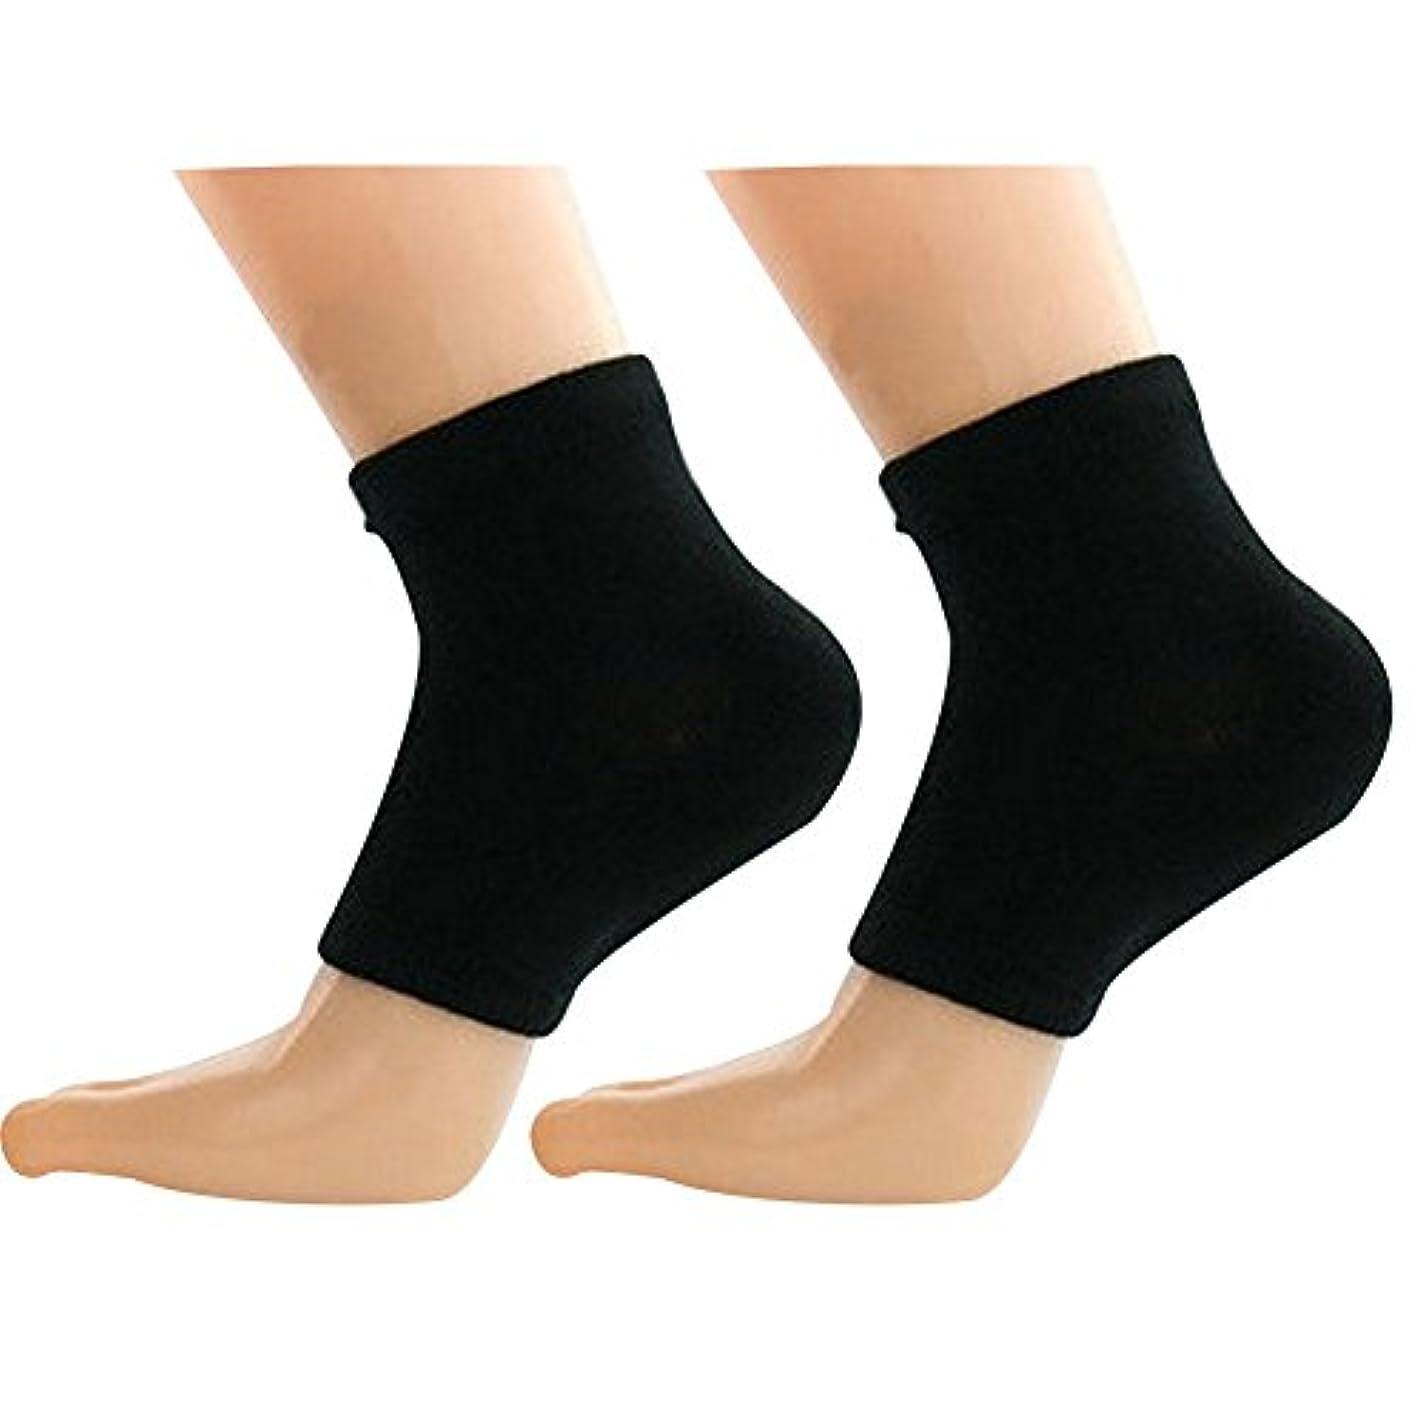 コークス出費けがをするQIAONAI レディース用 メンズ用 踵用カバー かかと 靴下 かかと ケア つるつる すべすべ 靴下 ソックス 角質ケア 保湿 角質除去 足ケア かかと 靴下 足首用サポーター  フリーサイズ (ブラック)